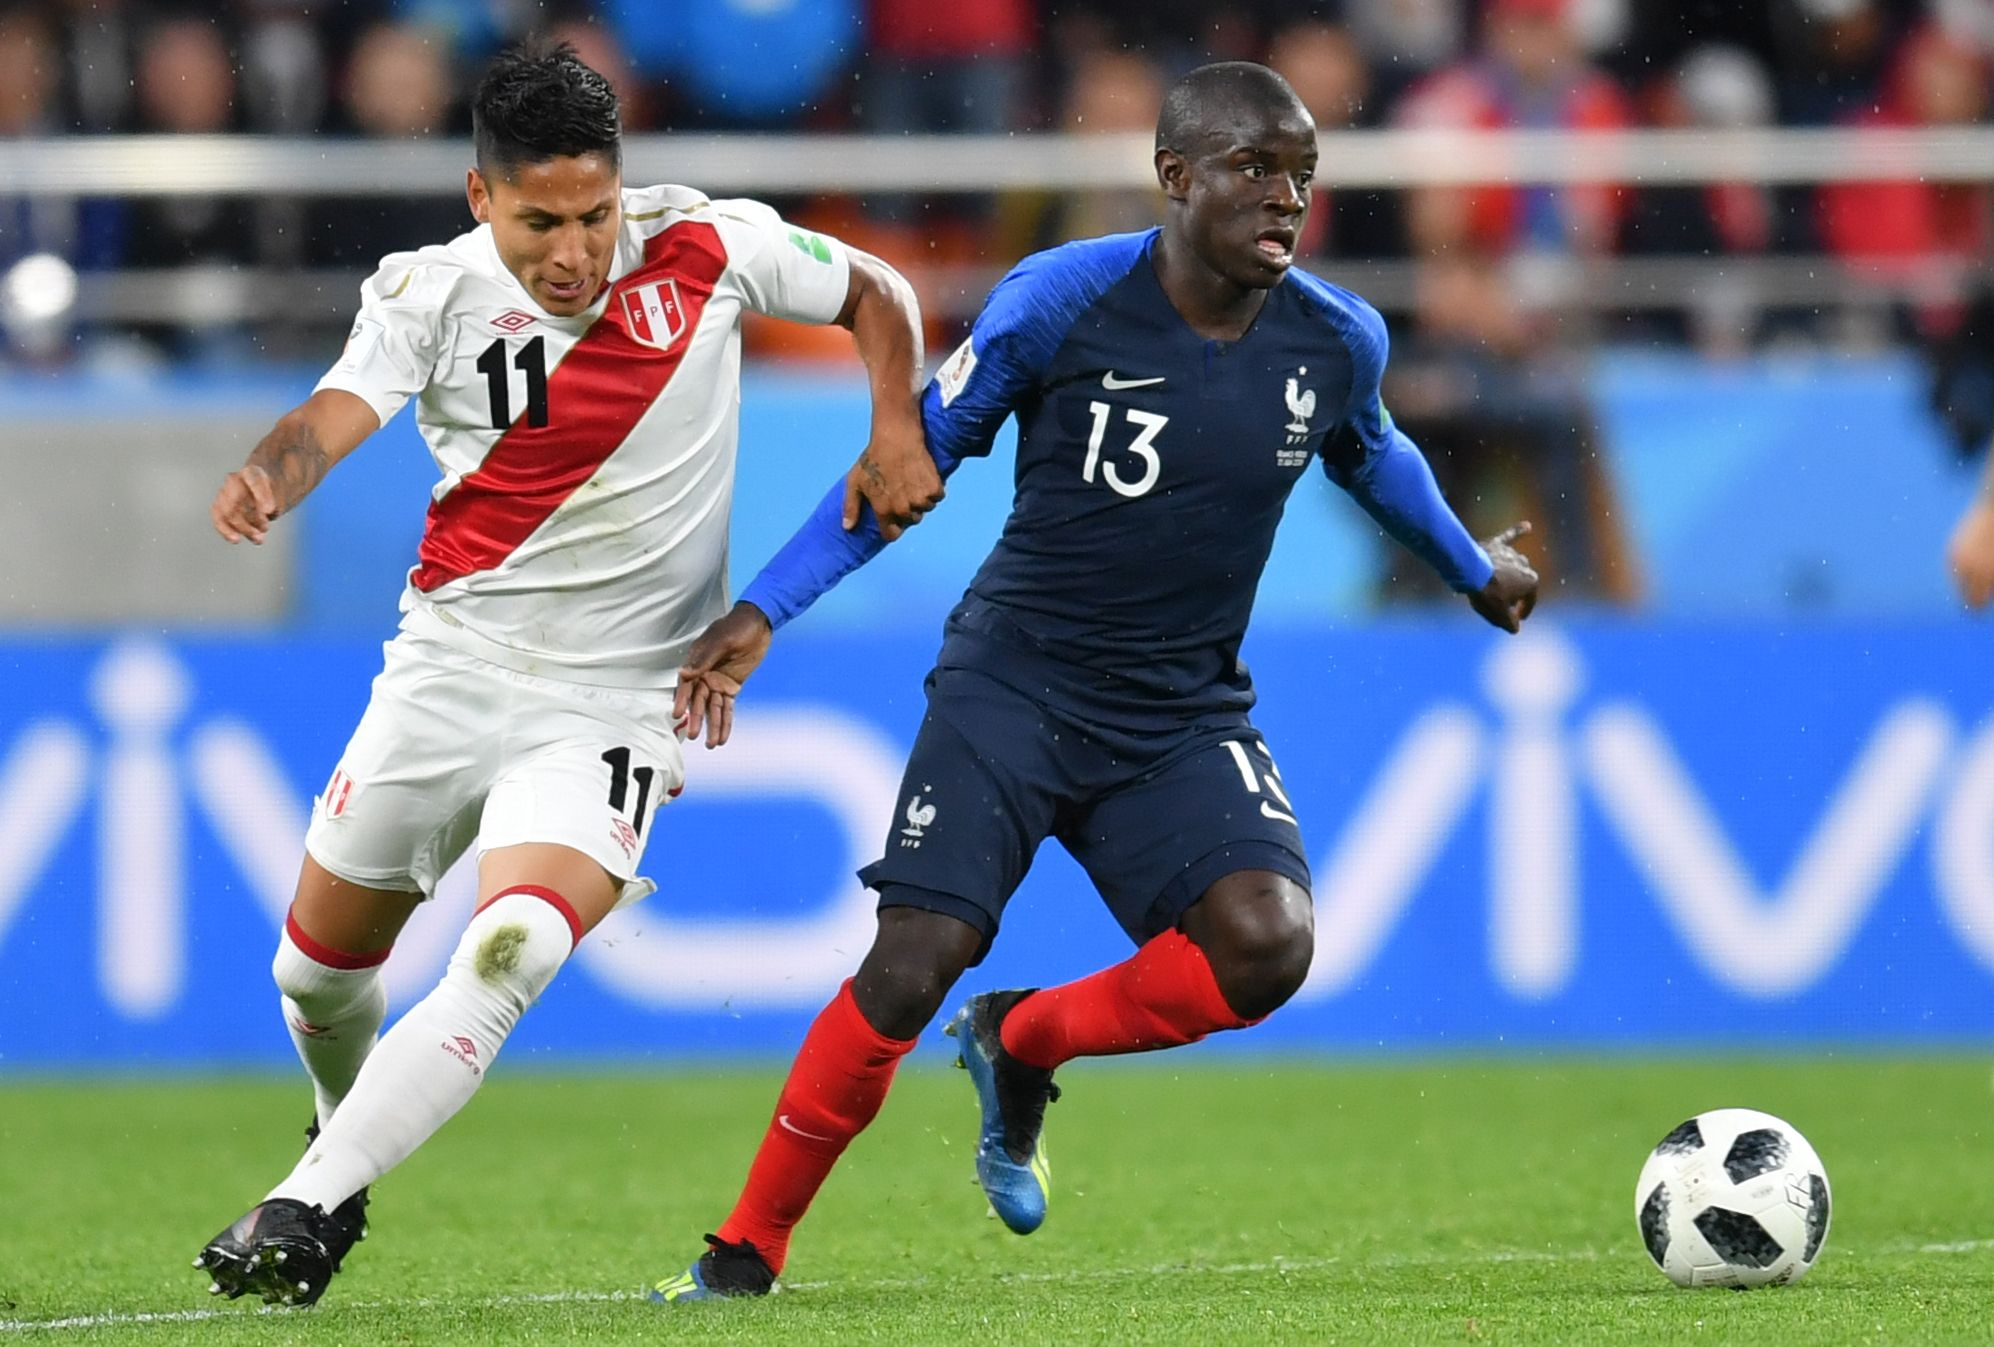 Coupe du monde 2018 les bleus tous gaga de n golo kant russie 2018 coupe du monde football - Coupe du monde 2018 football ...